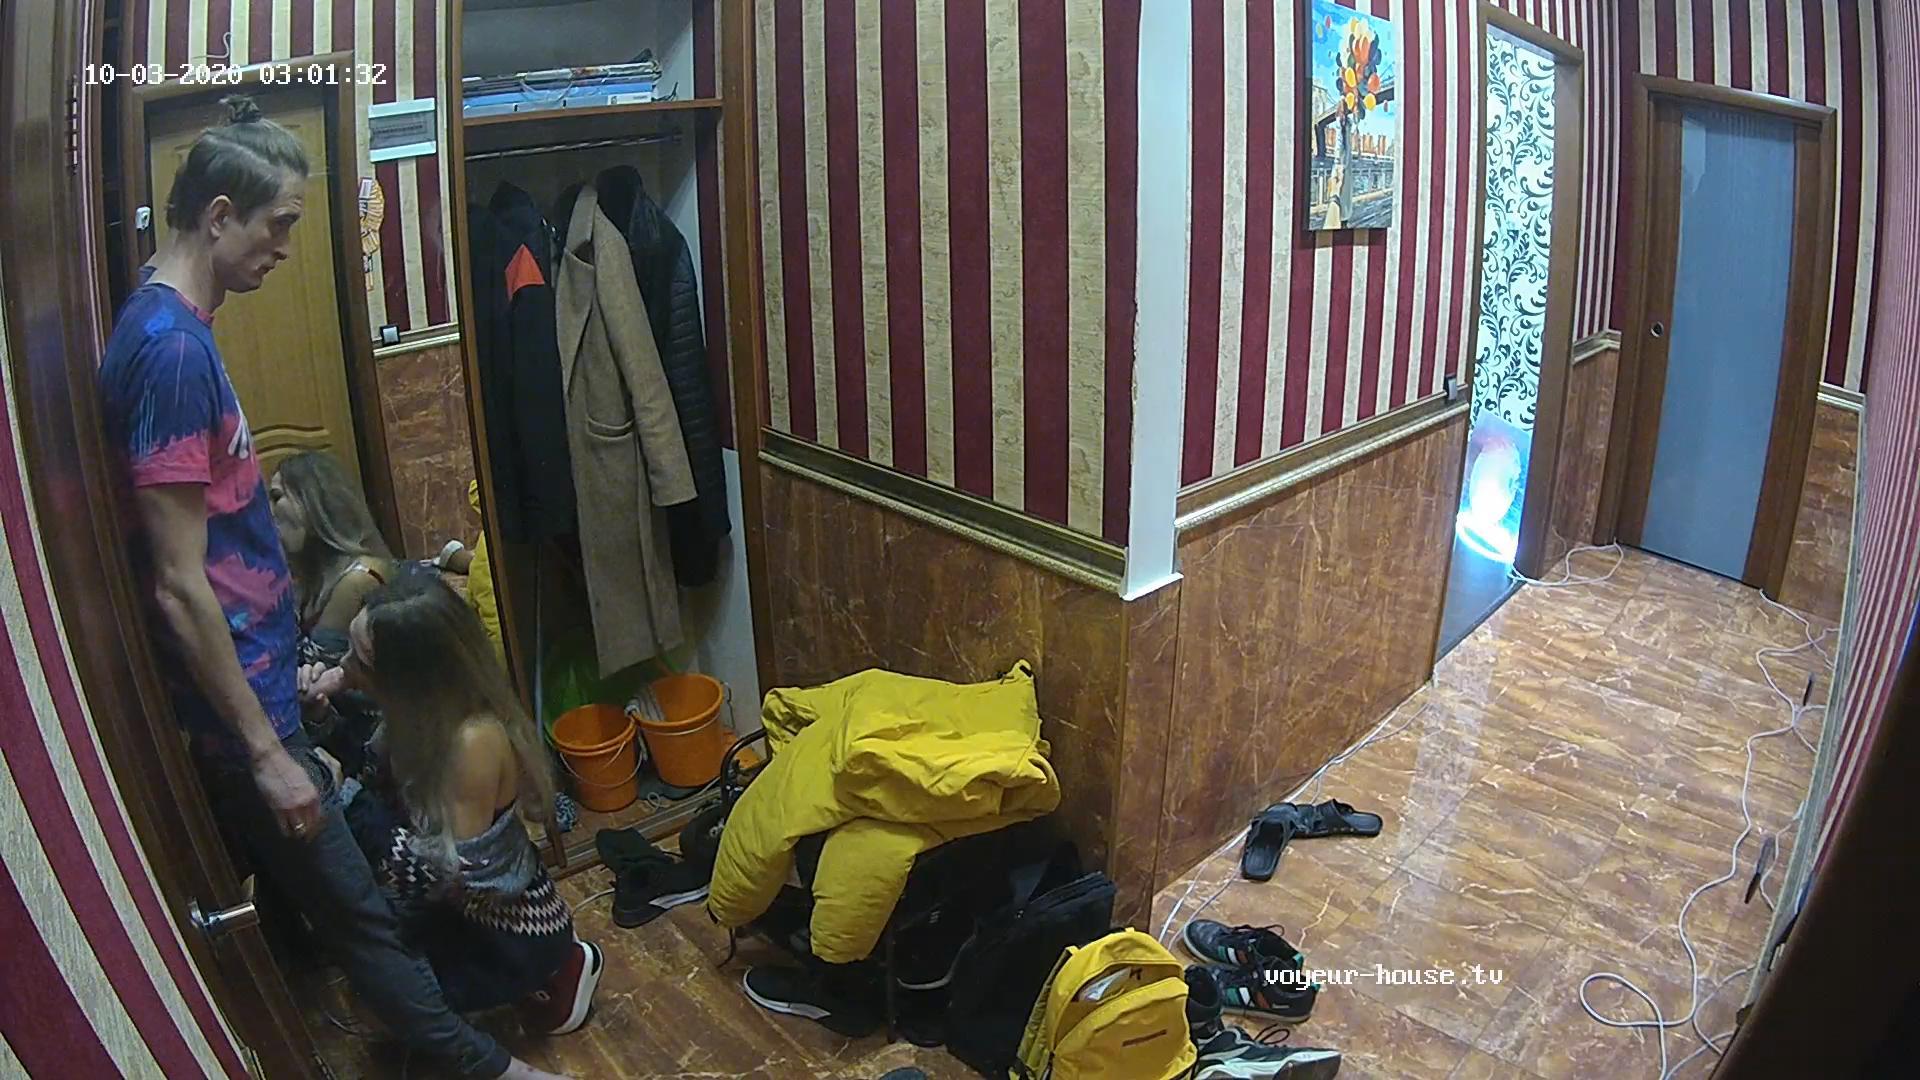 Anna and Alex quick sucking in hallway Oct 3